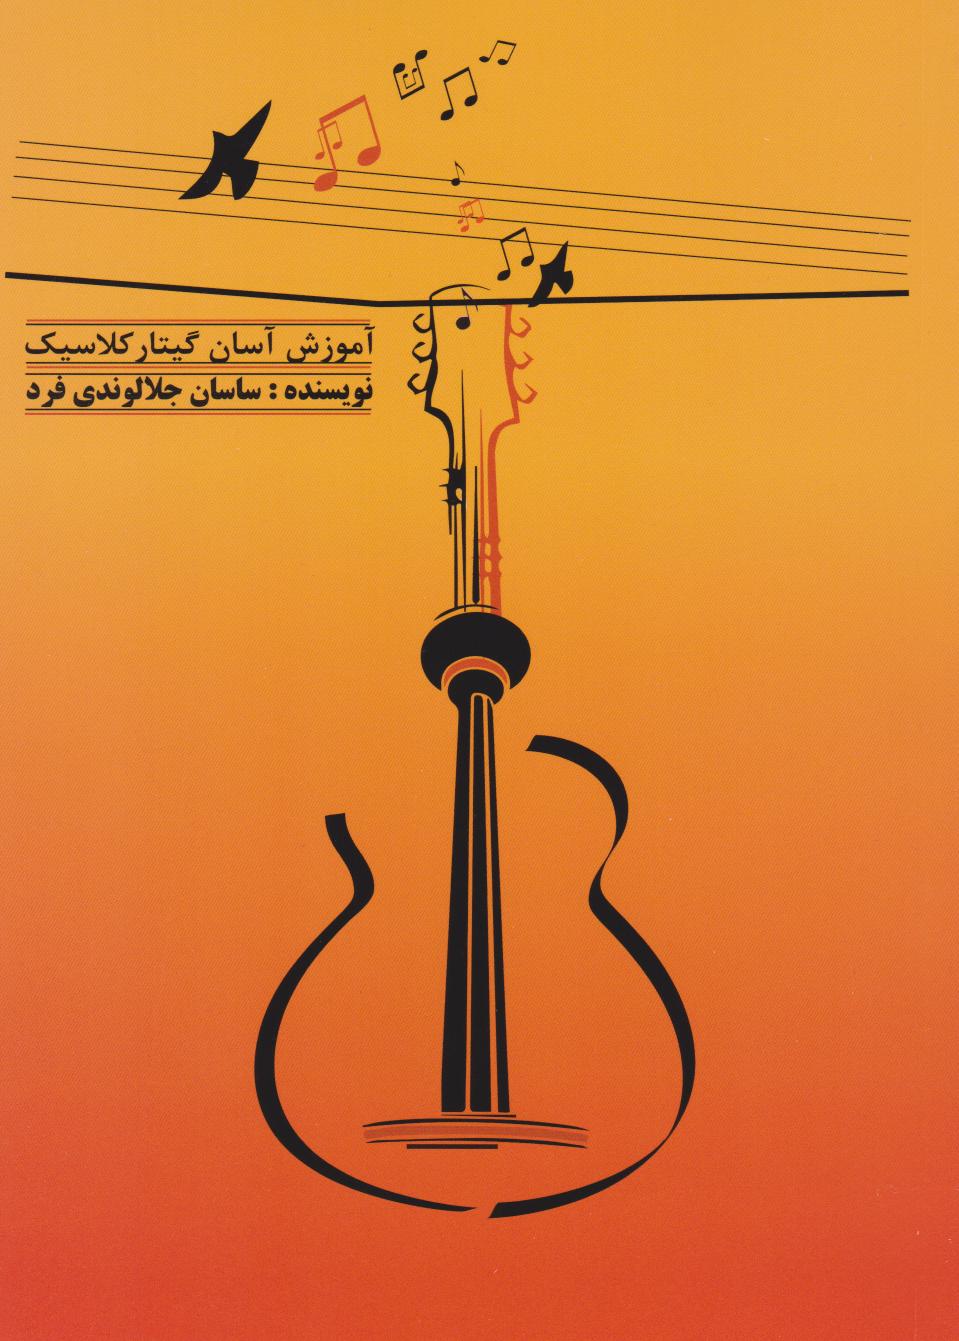 کتاب آموزش آسان گیتار کلاسیک ساسان جلالوندی فرد انتشارات نوای دانش